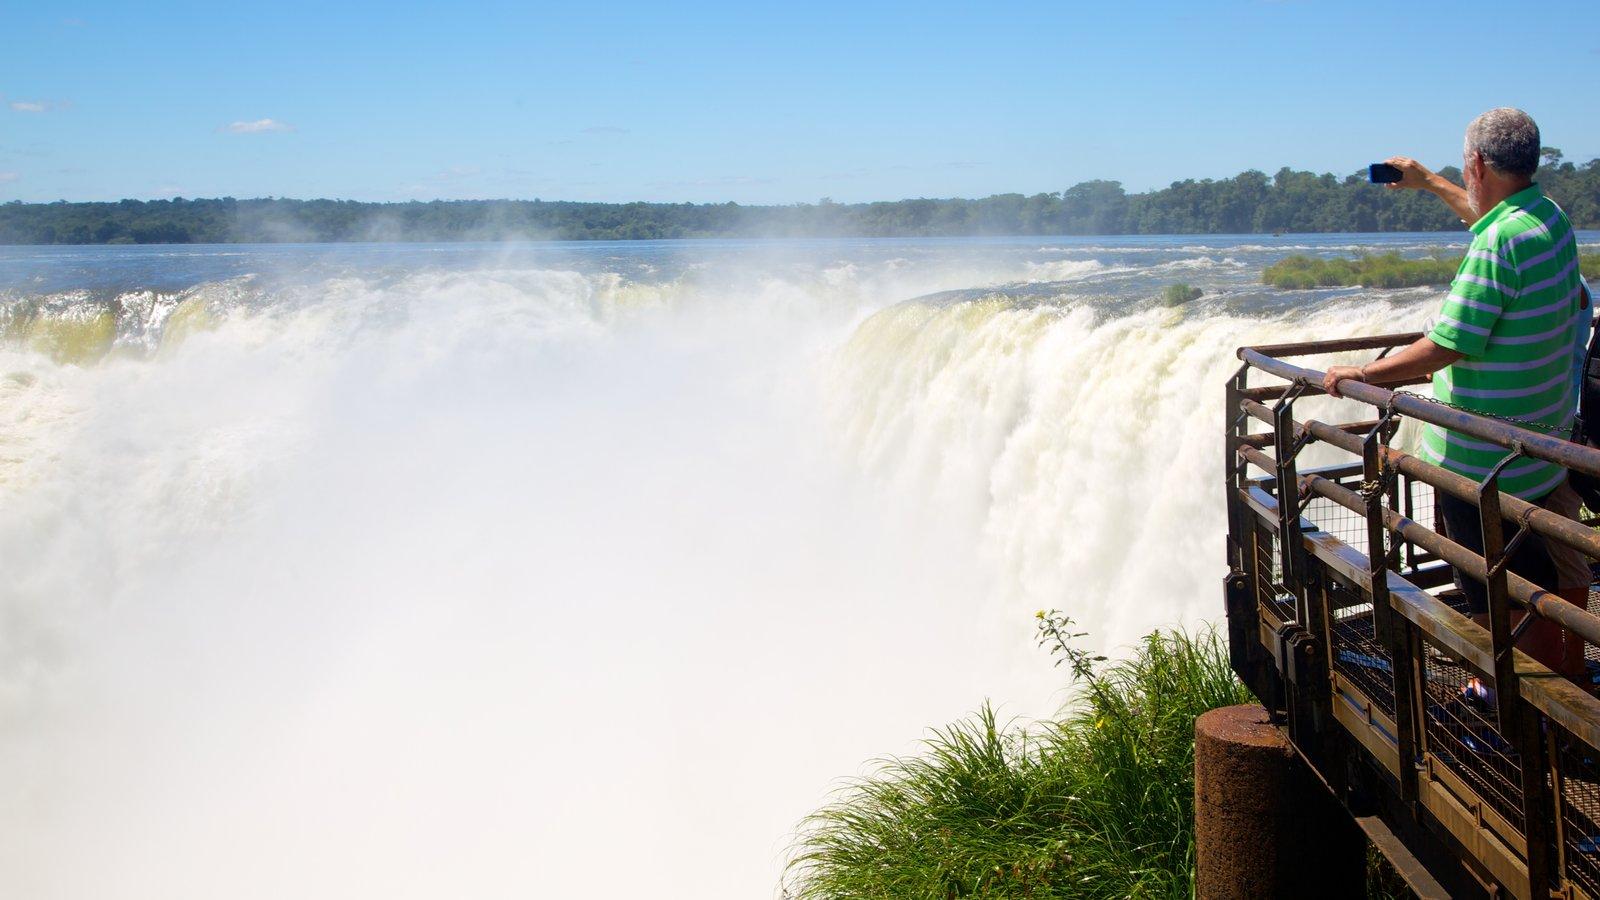 Garganta do Diabo caracterizando uma cachoeira, paisagens e paisagem